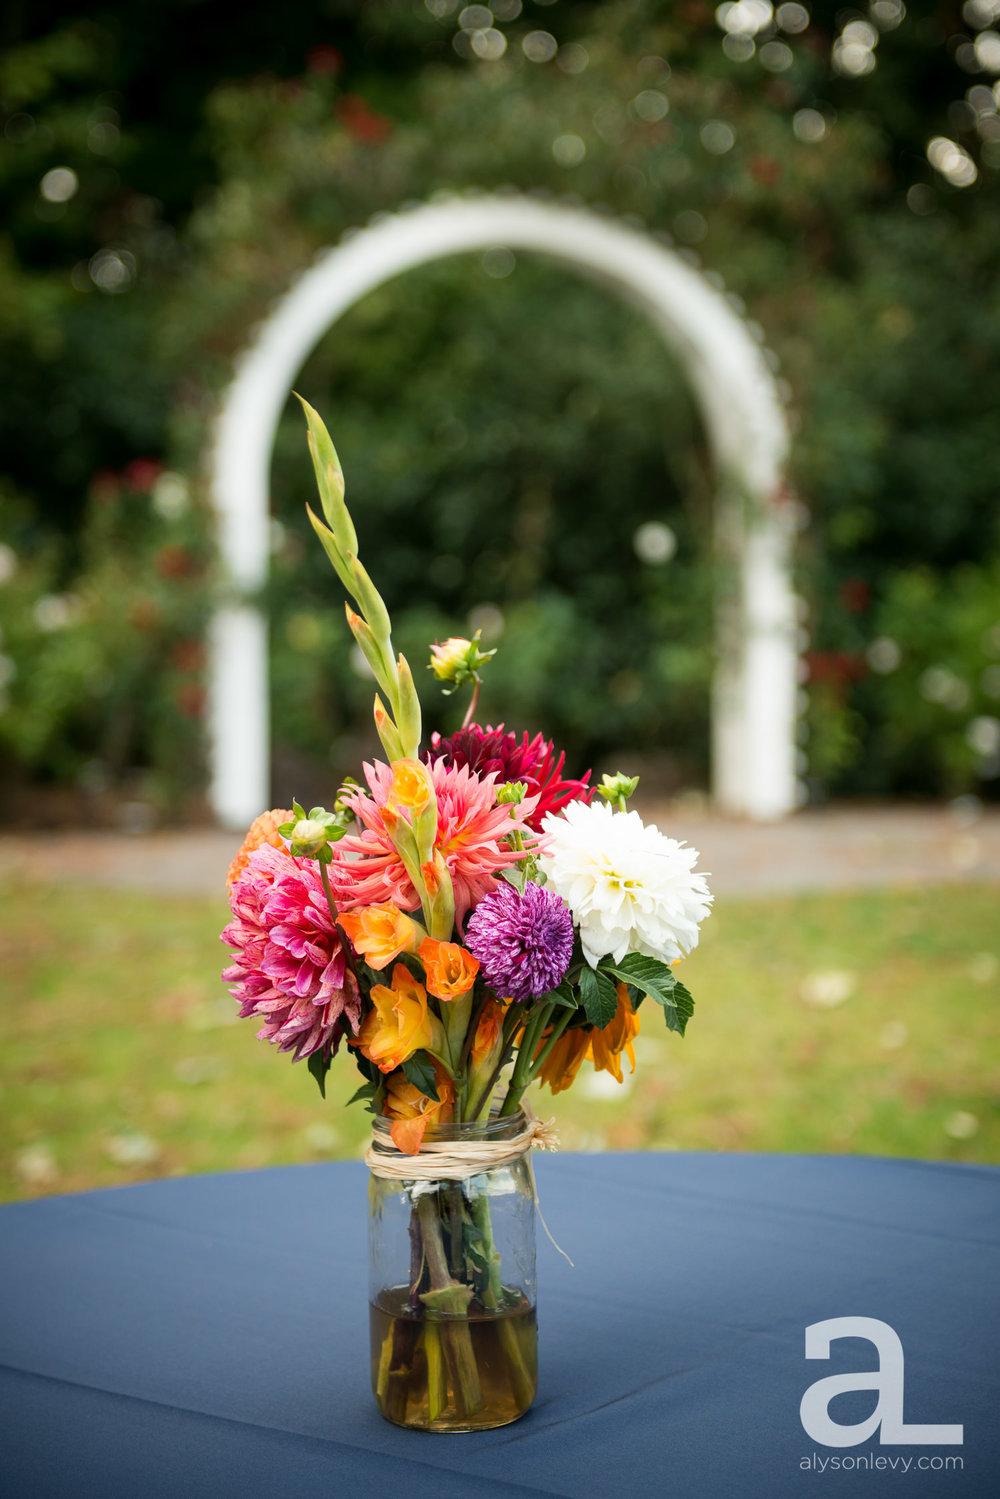 Overlook-House-Portland-Wedding-Photography-009.jpg